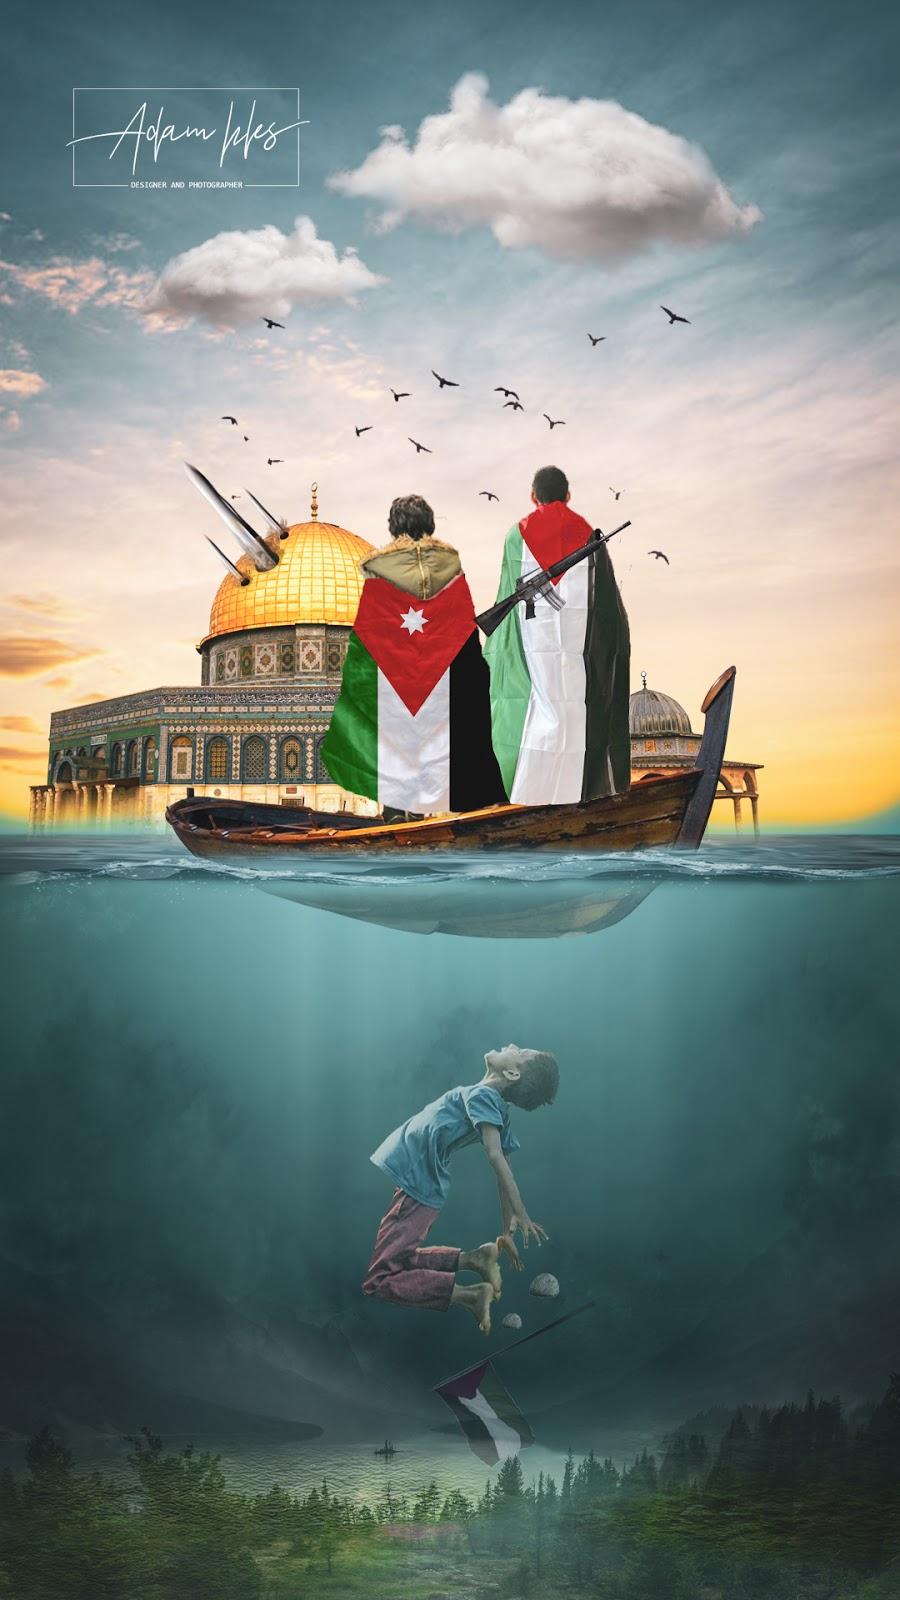 العلم الفلسطيني والعلم الاردني